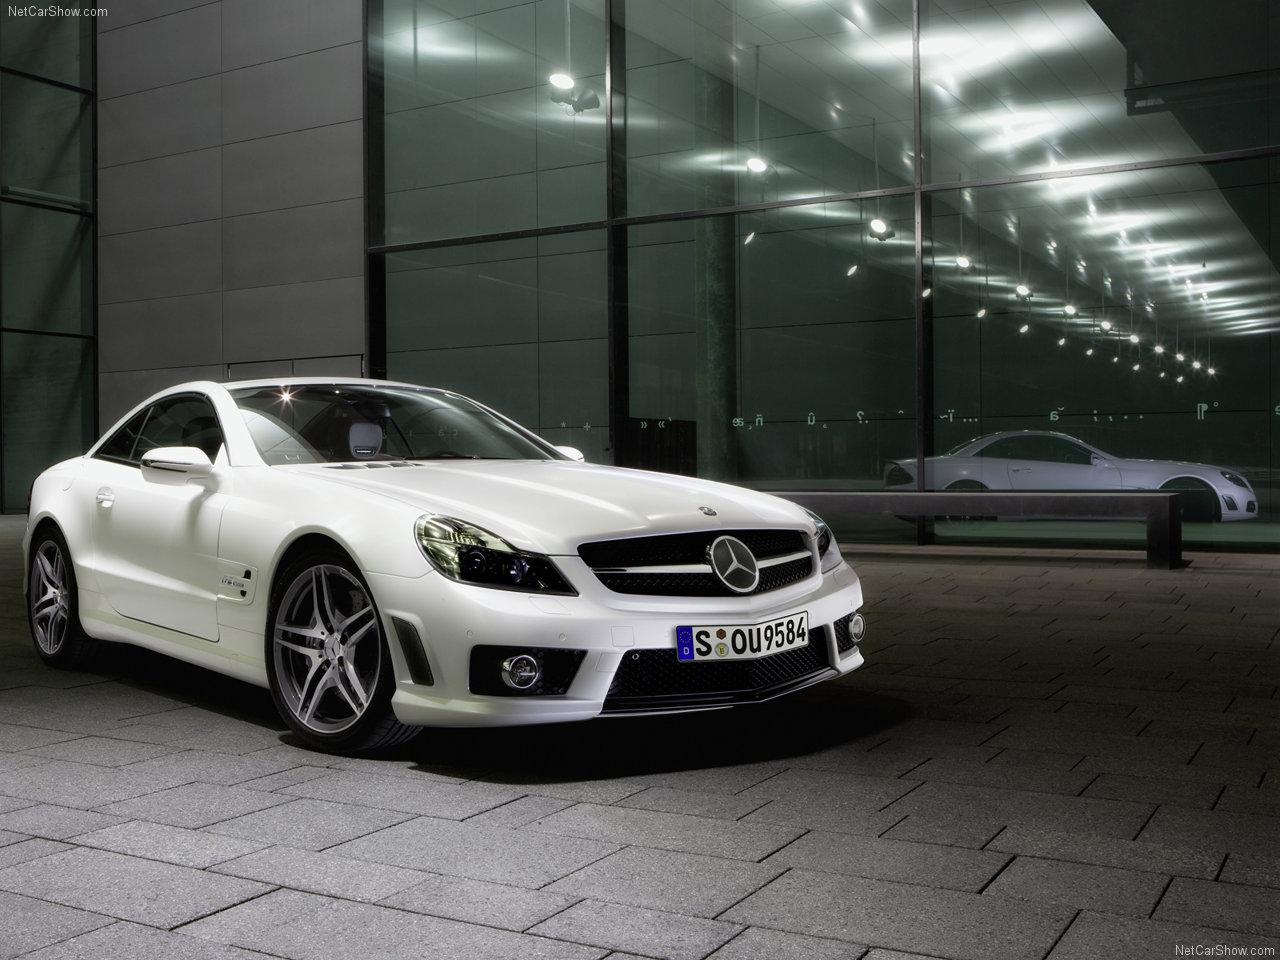 http://1.bp.blogspot.com/-nSP75HUPSHk/TWYRx8qJTKI/AAAAAAACLDc/Rt1pRe50mRo/s1600/Mercedes-Benz-SL_63_AMG_Edition_IWC_2009_1280x960_wallpaper_01.jpg